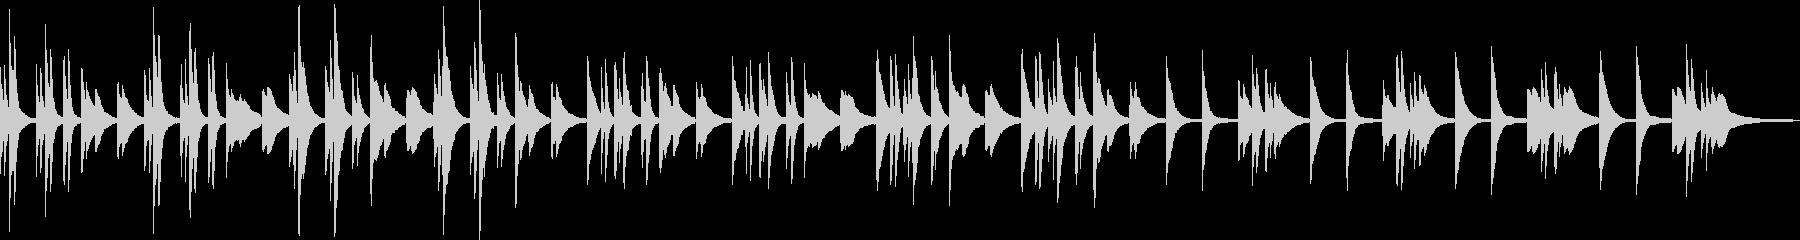 静けさを感じるソロピアノの未再生の波形